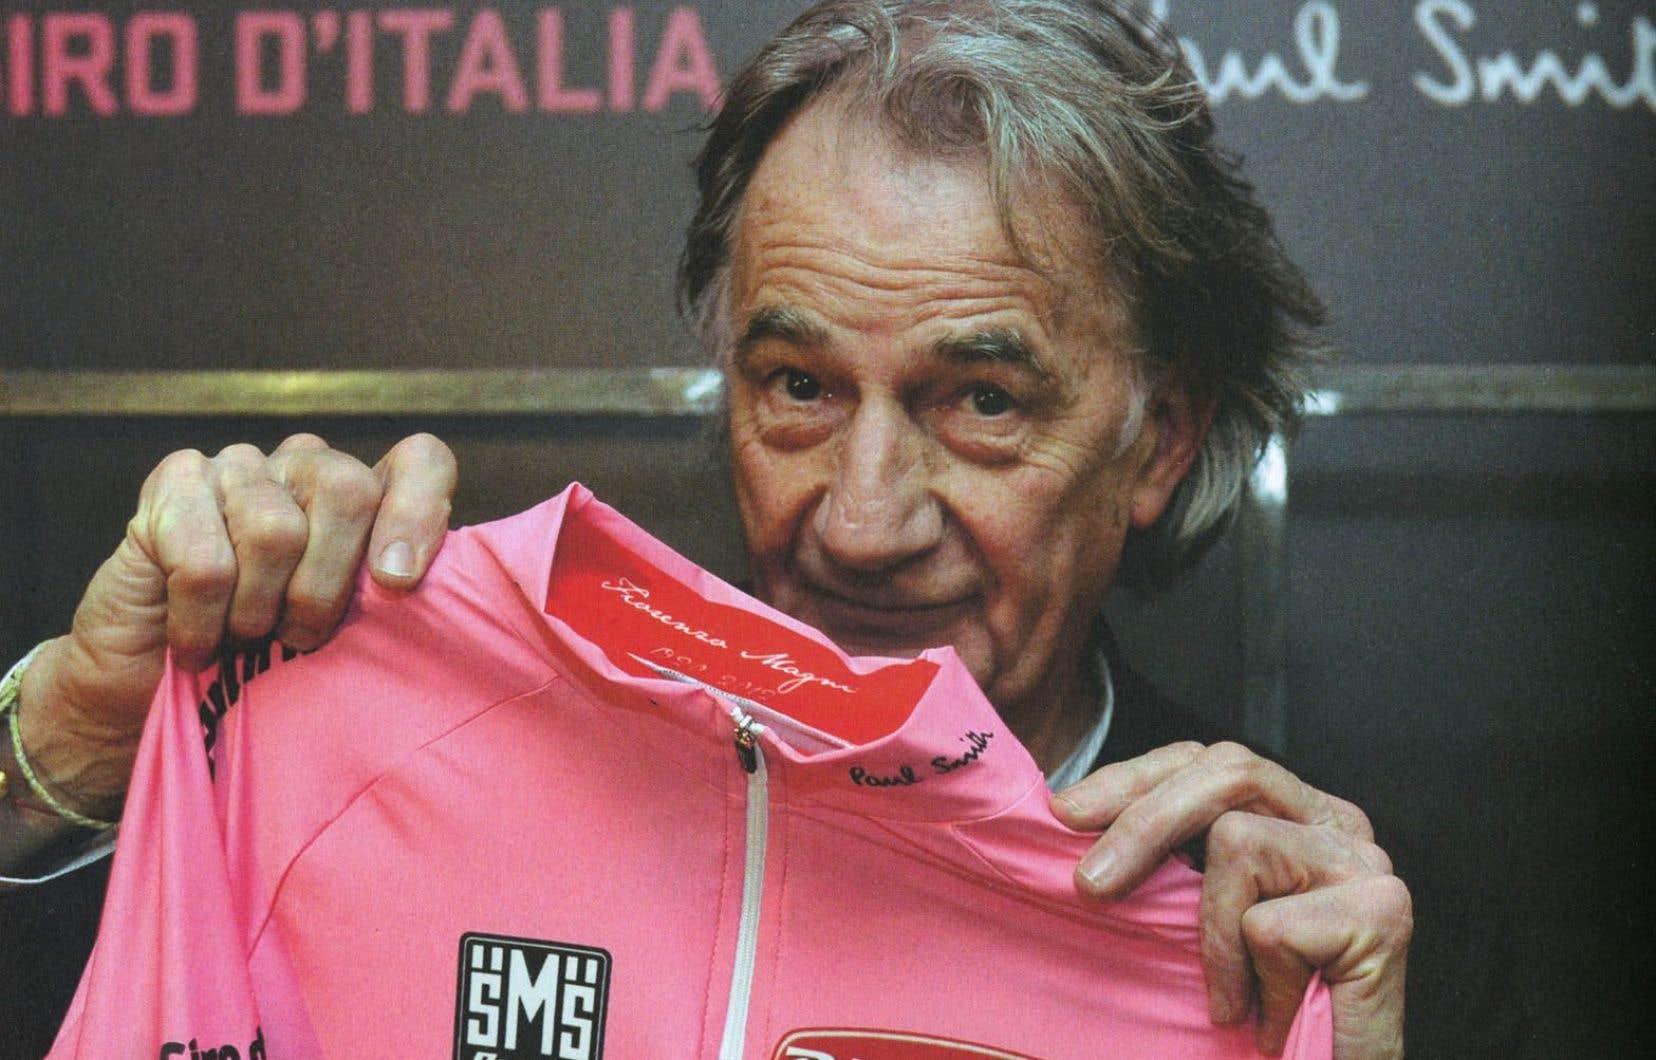 Paul Smith, en 2013, avec le maillot qu'il a conçu cette année-là pour le Giro